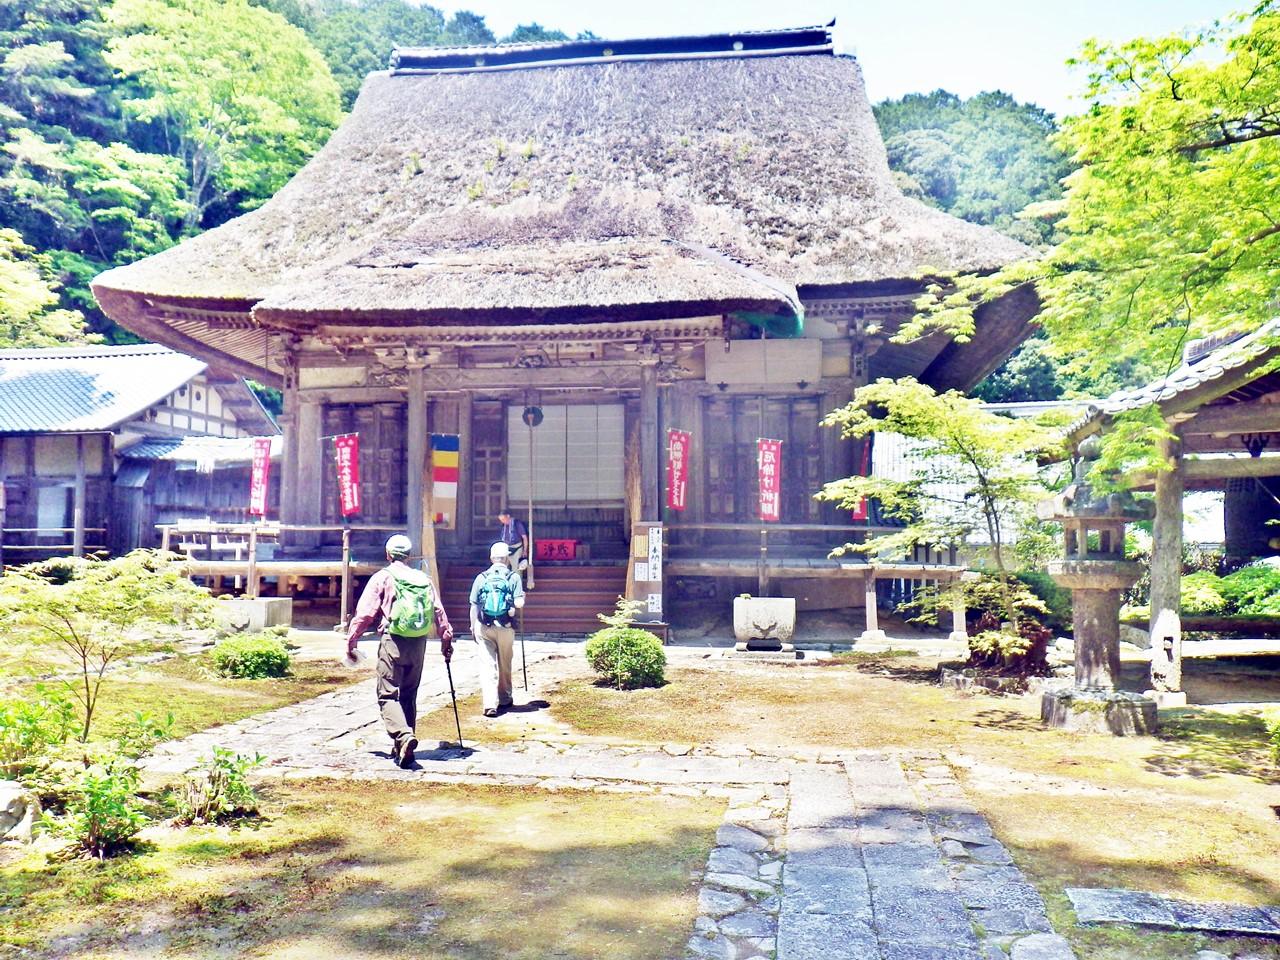 14b 瓦屋禅寺の本堂